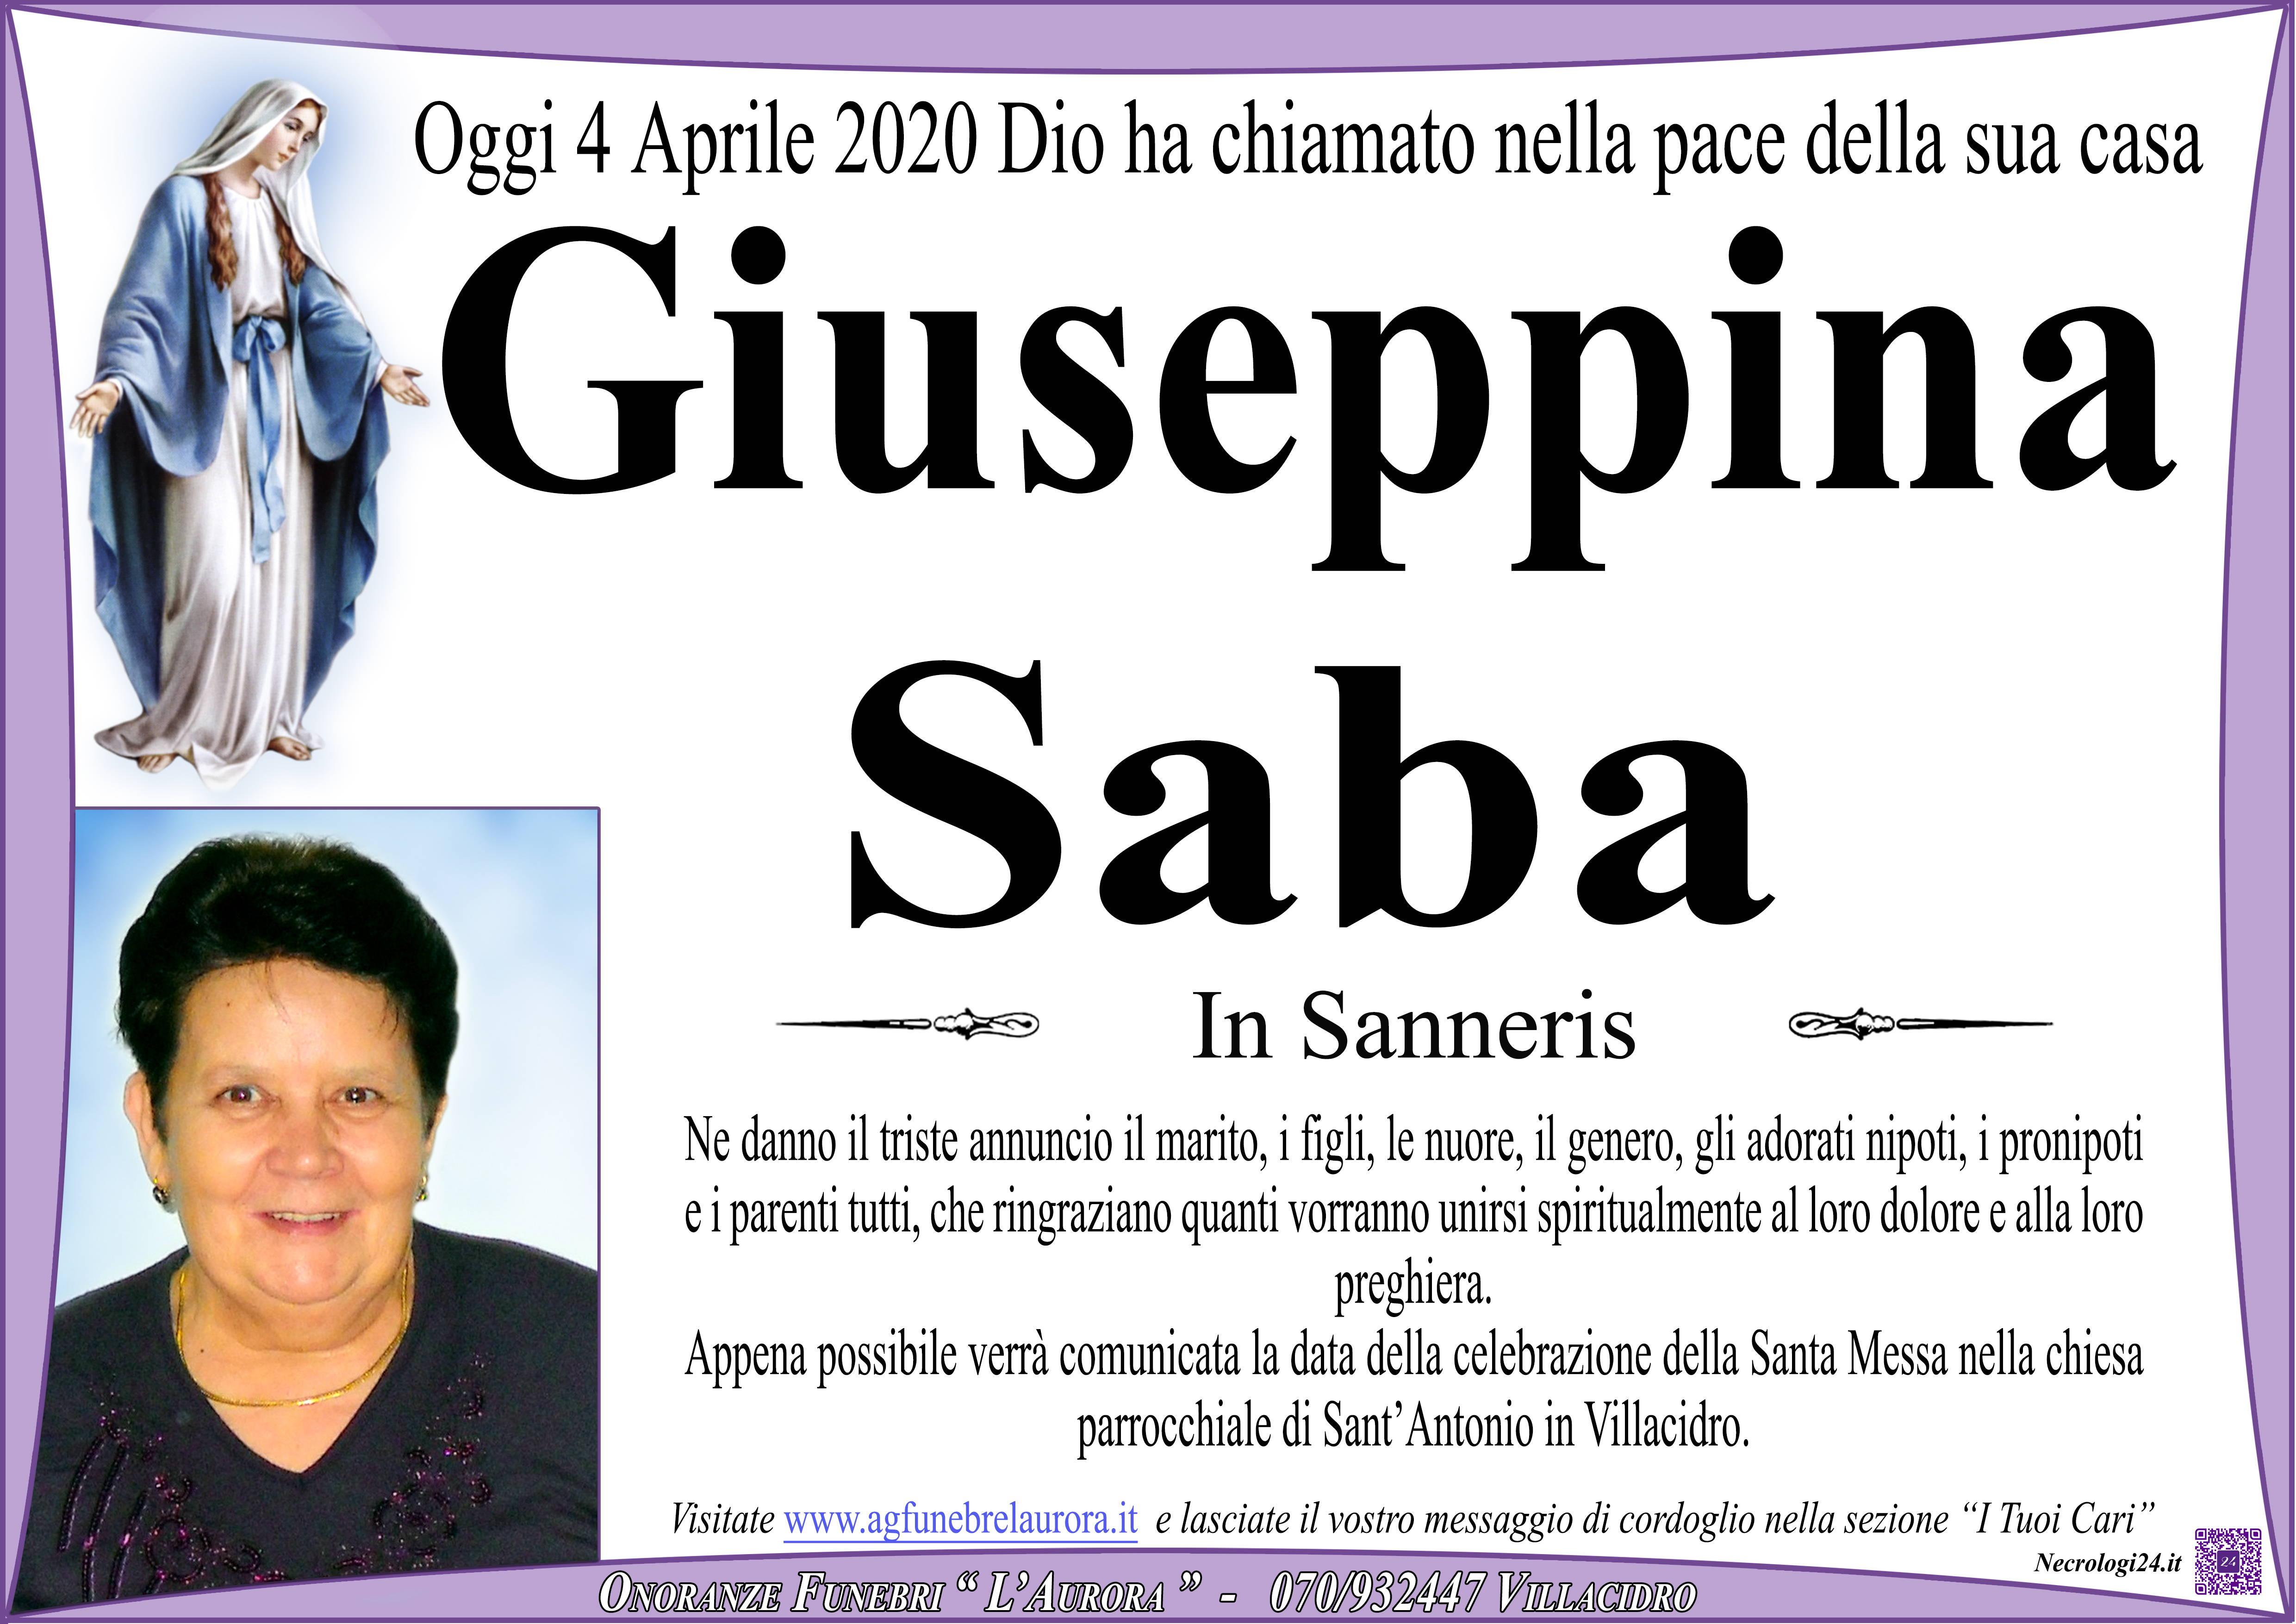 Giuseppina Saba